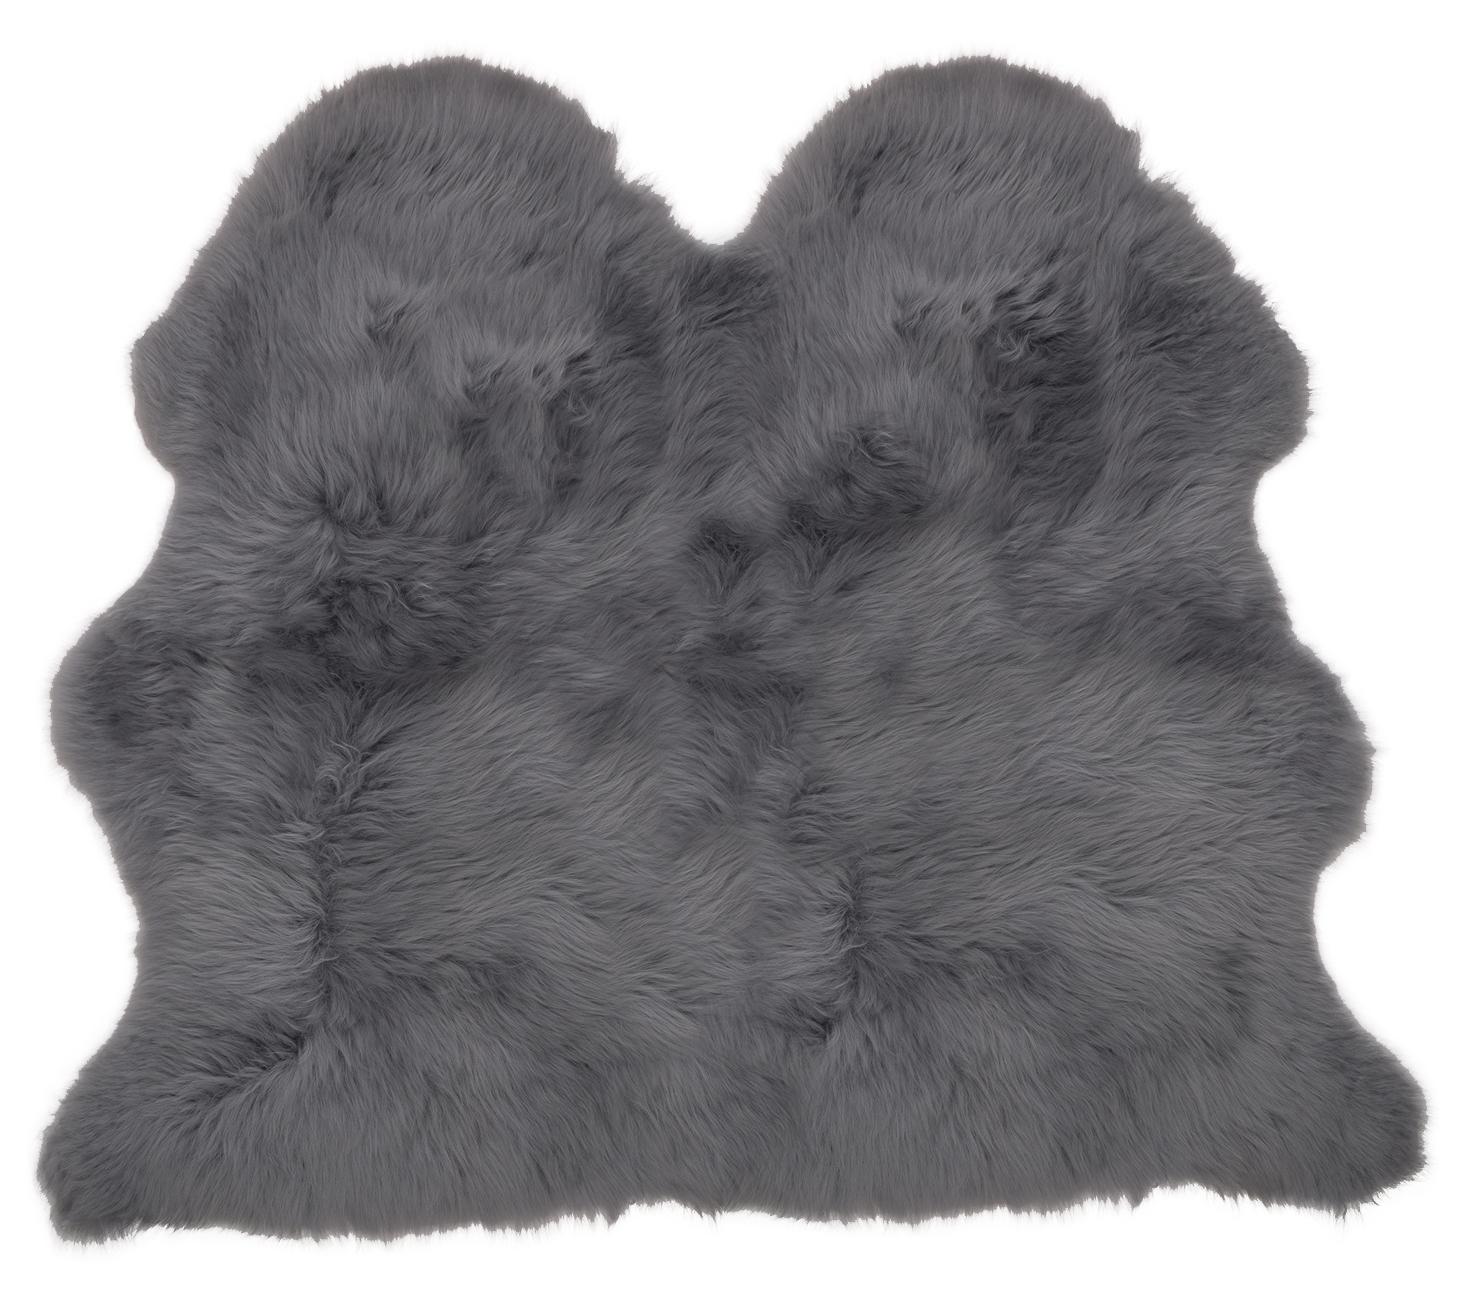 Large UK Made Gris Ardoise de véritable peau de Ardoise mouton Tapis masquer Pelt Peau douce de luxe 6dfda7